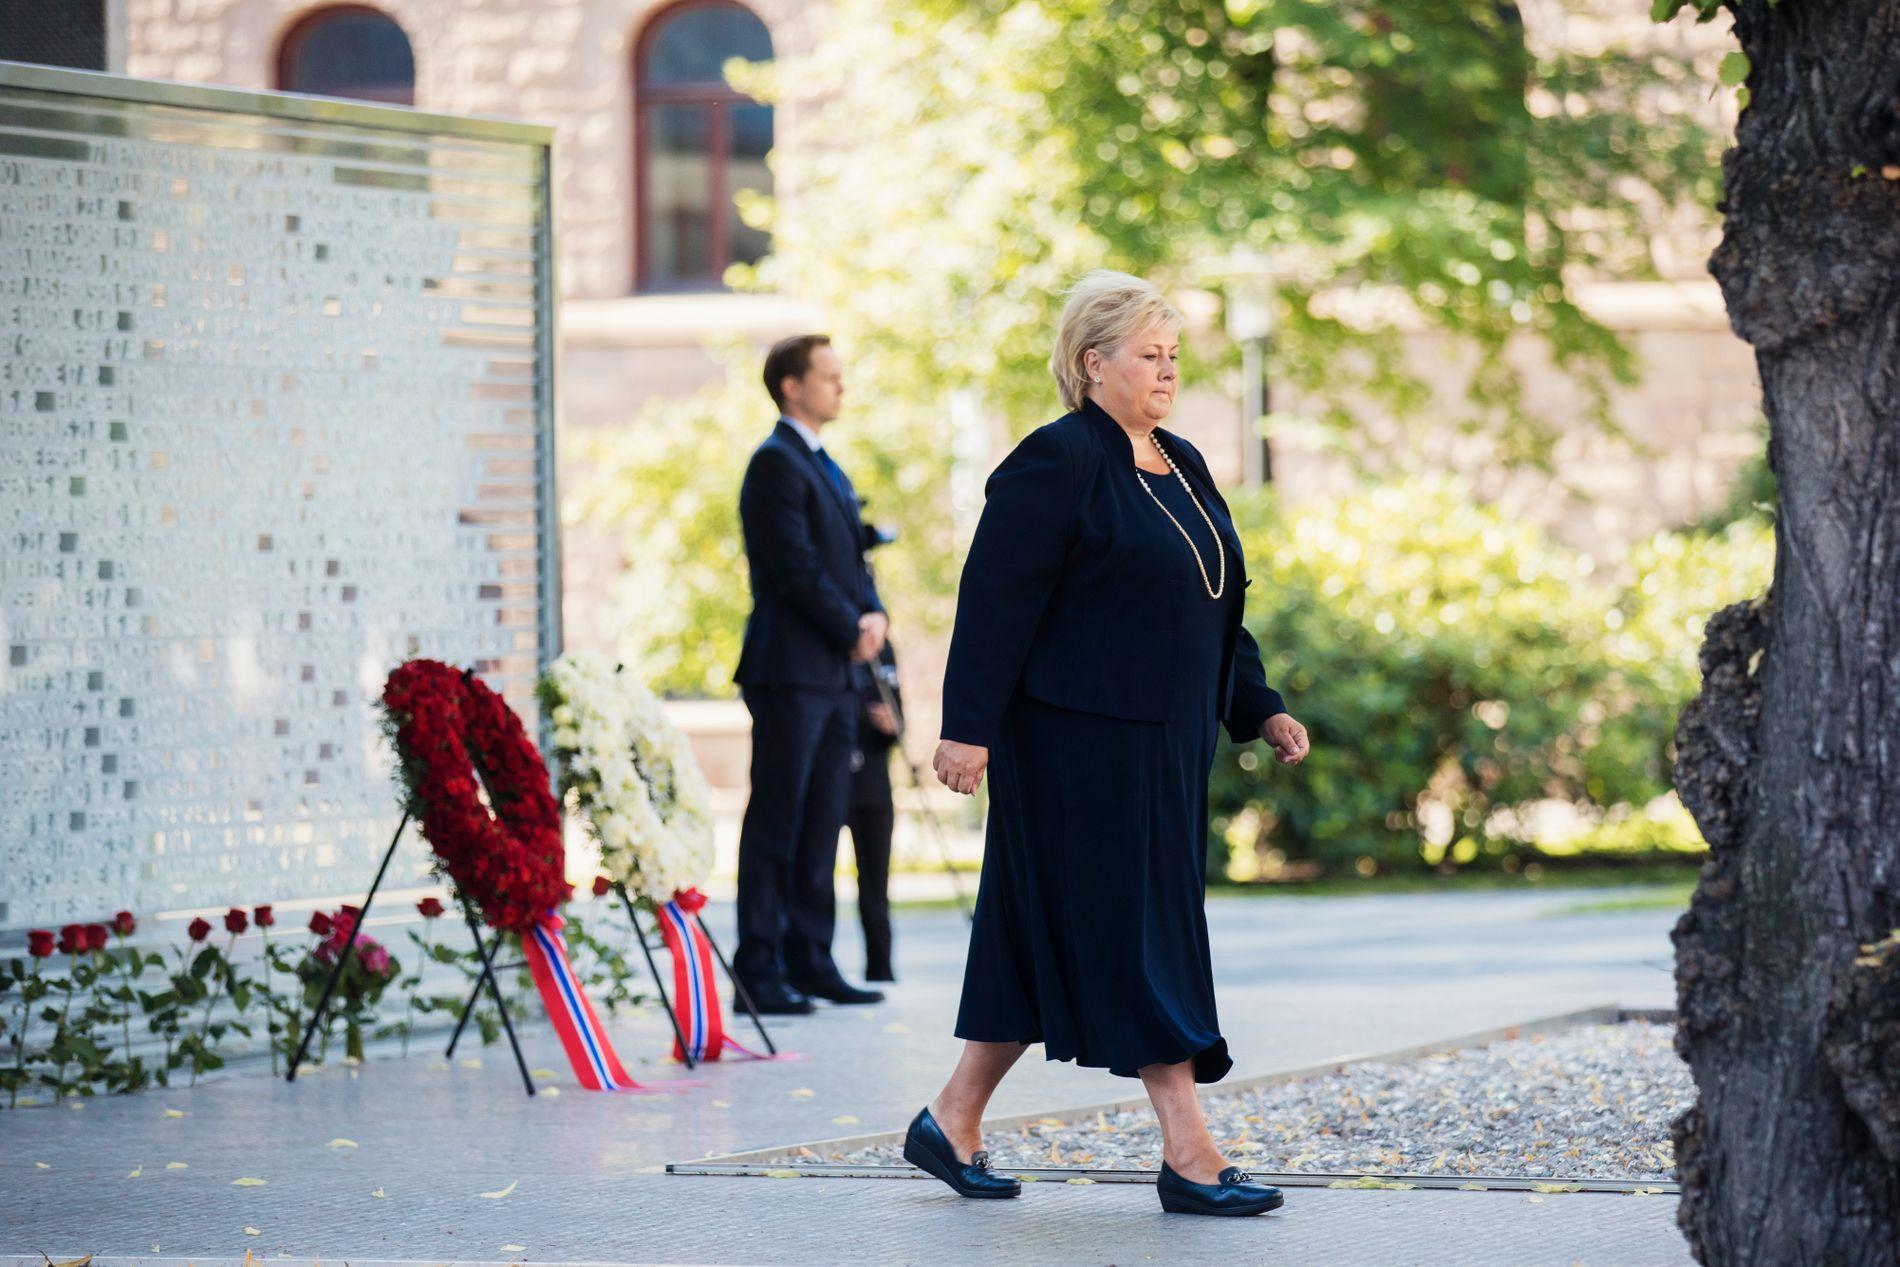 ENDRER PLANENE: Erna Solberg vil endre planene for Høyblokken slik at 22. juli-senteret skal ligge der det ligger i dag.